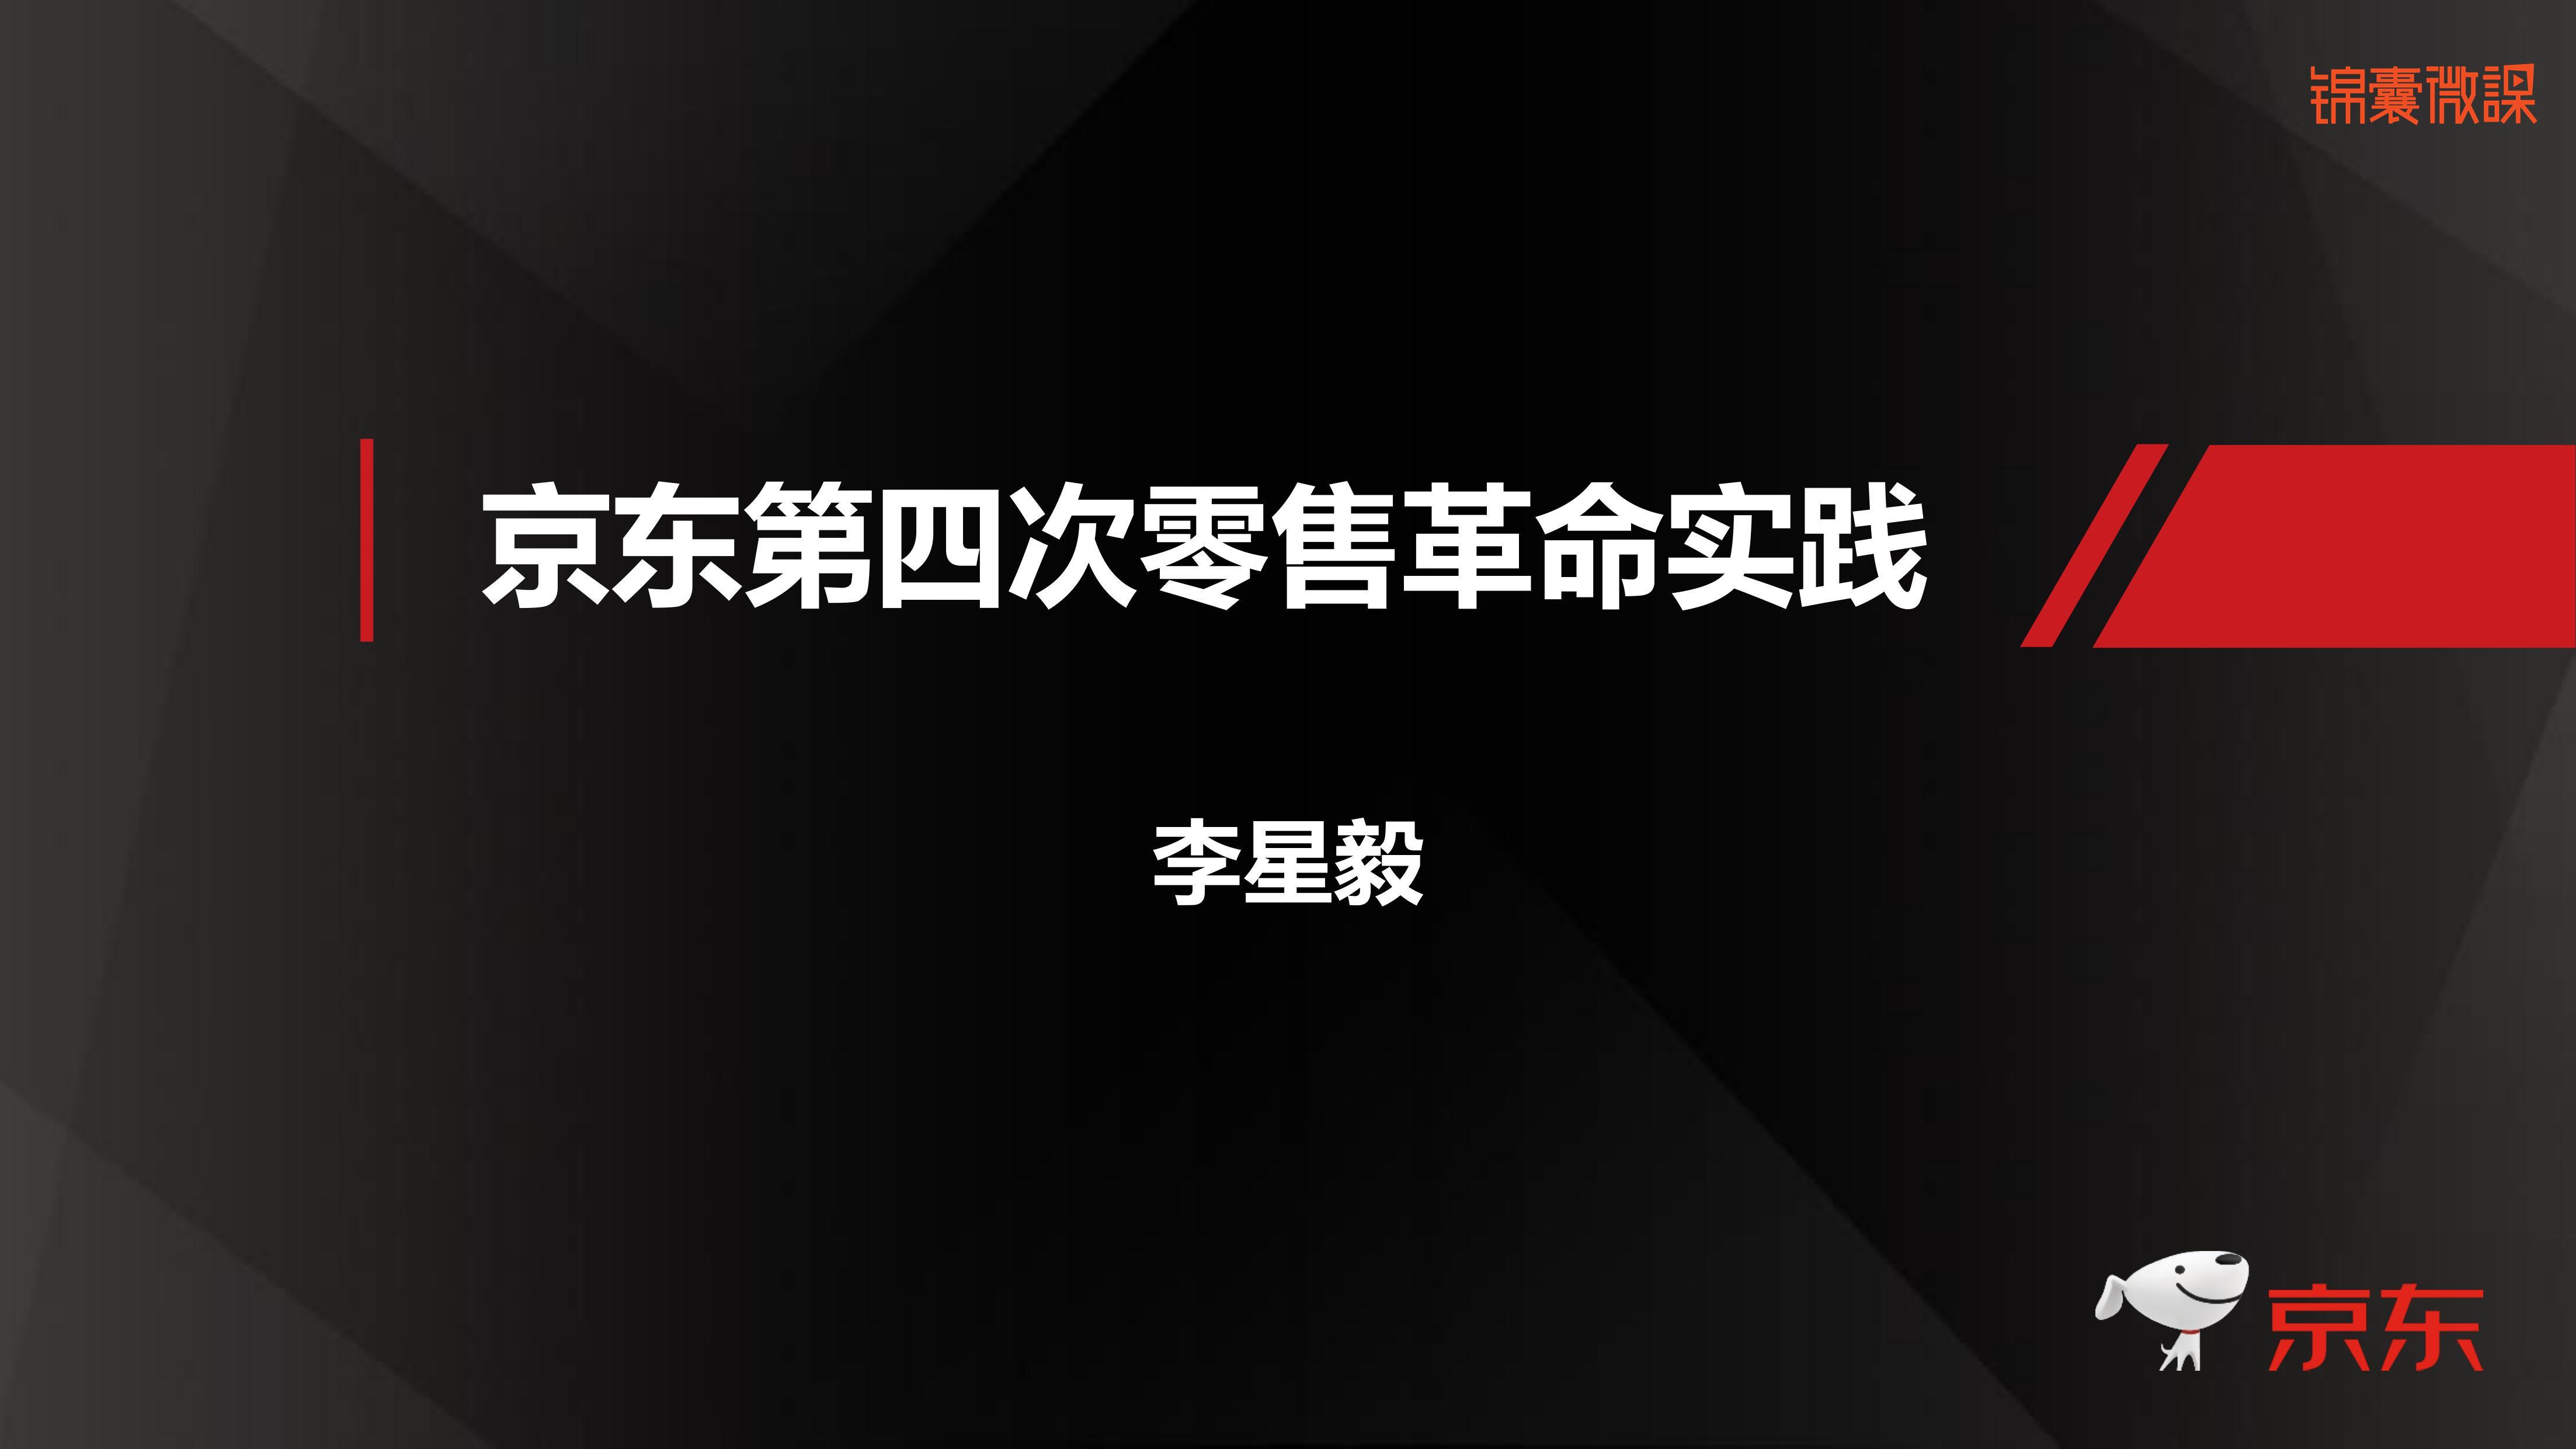 """京东""""无界零售""""战略的创新要素和最新实践"""